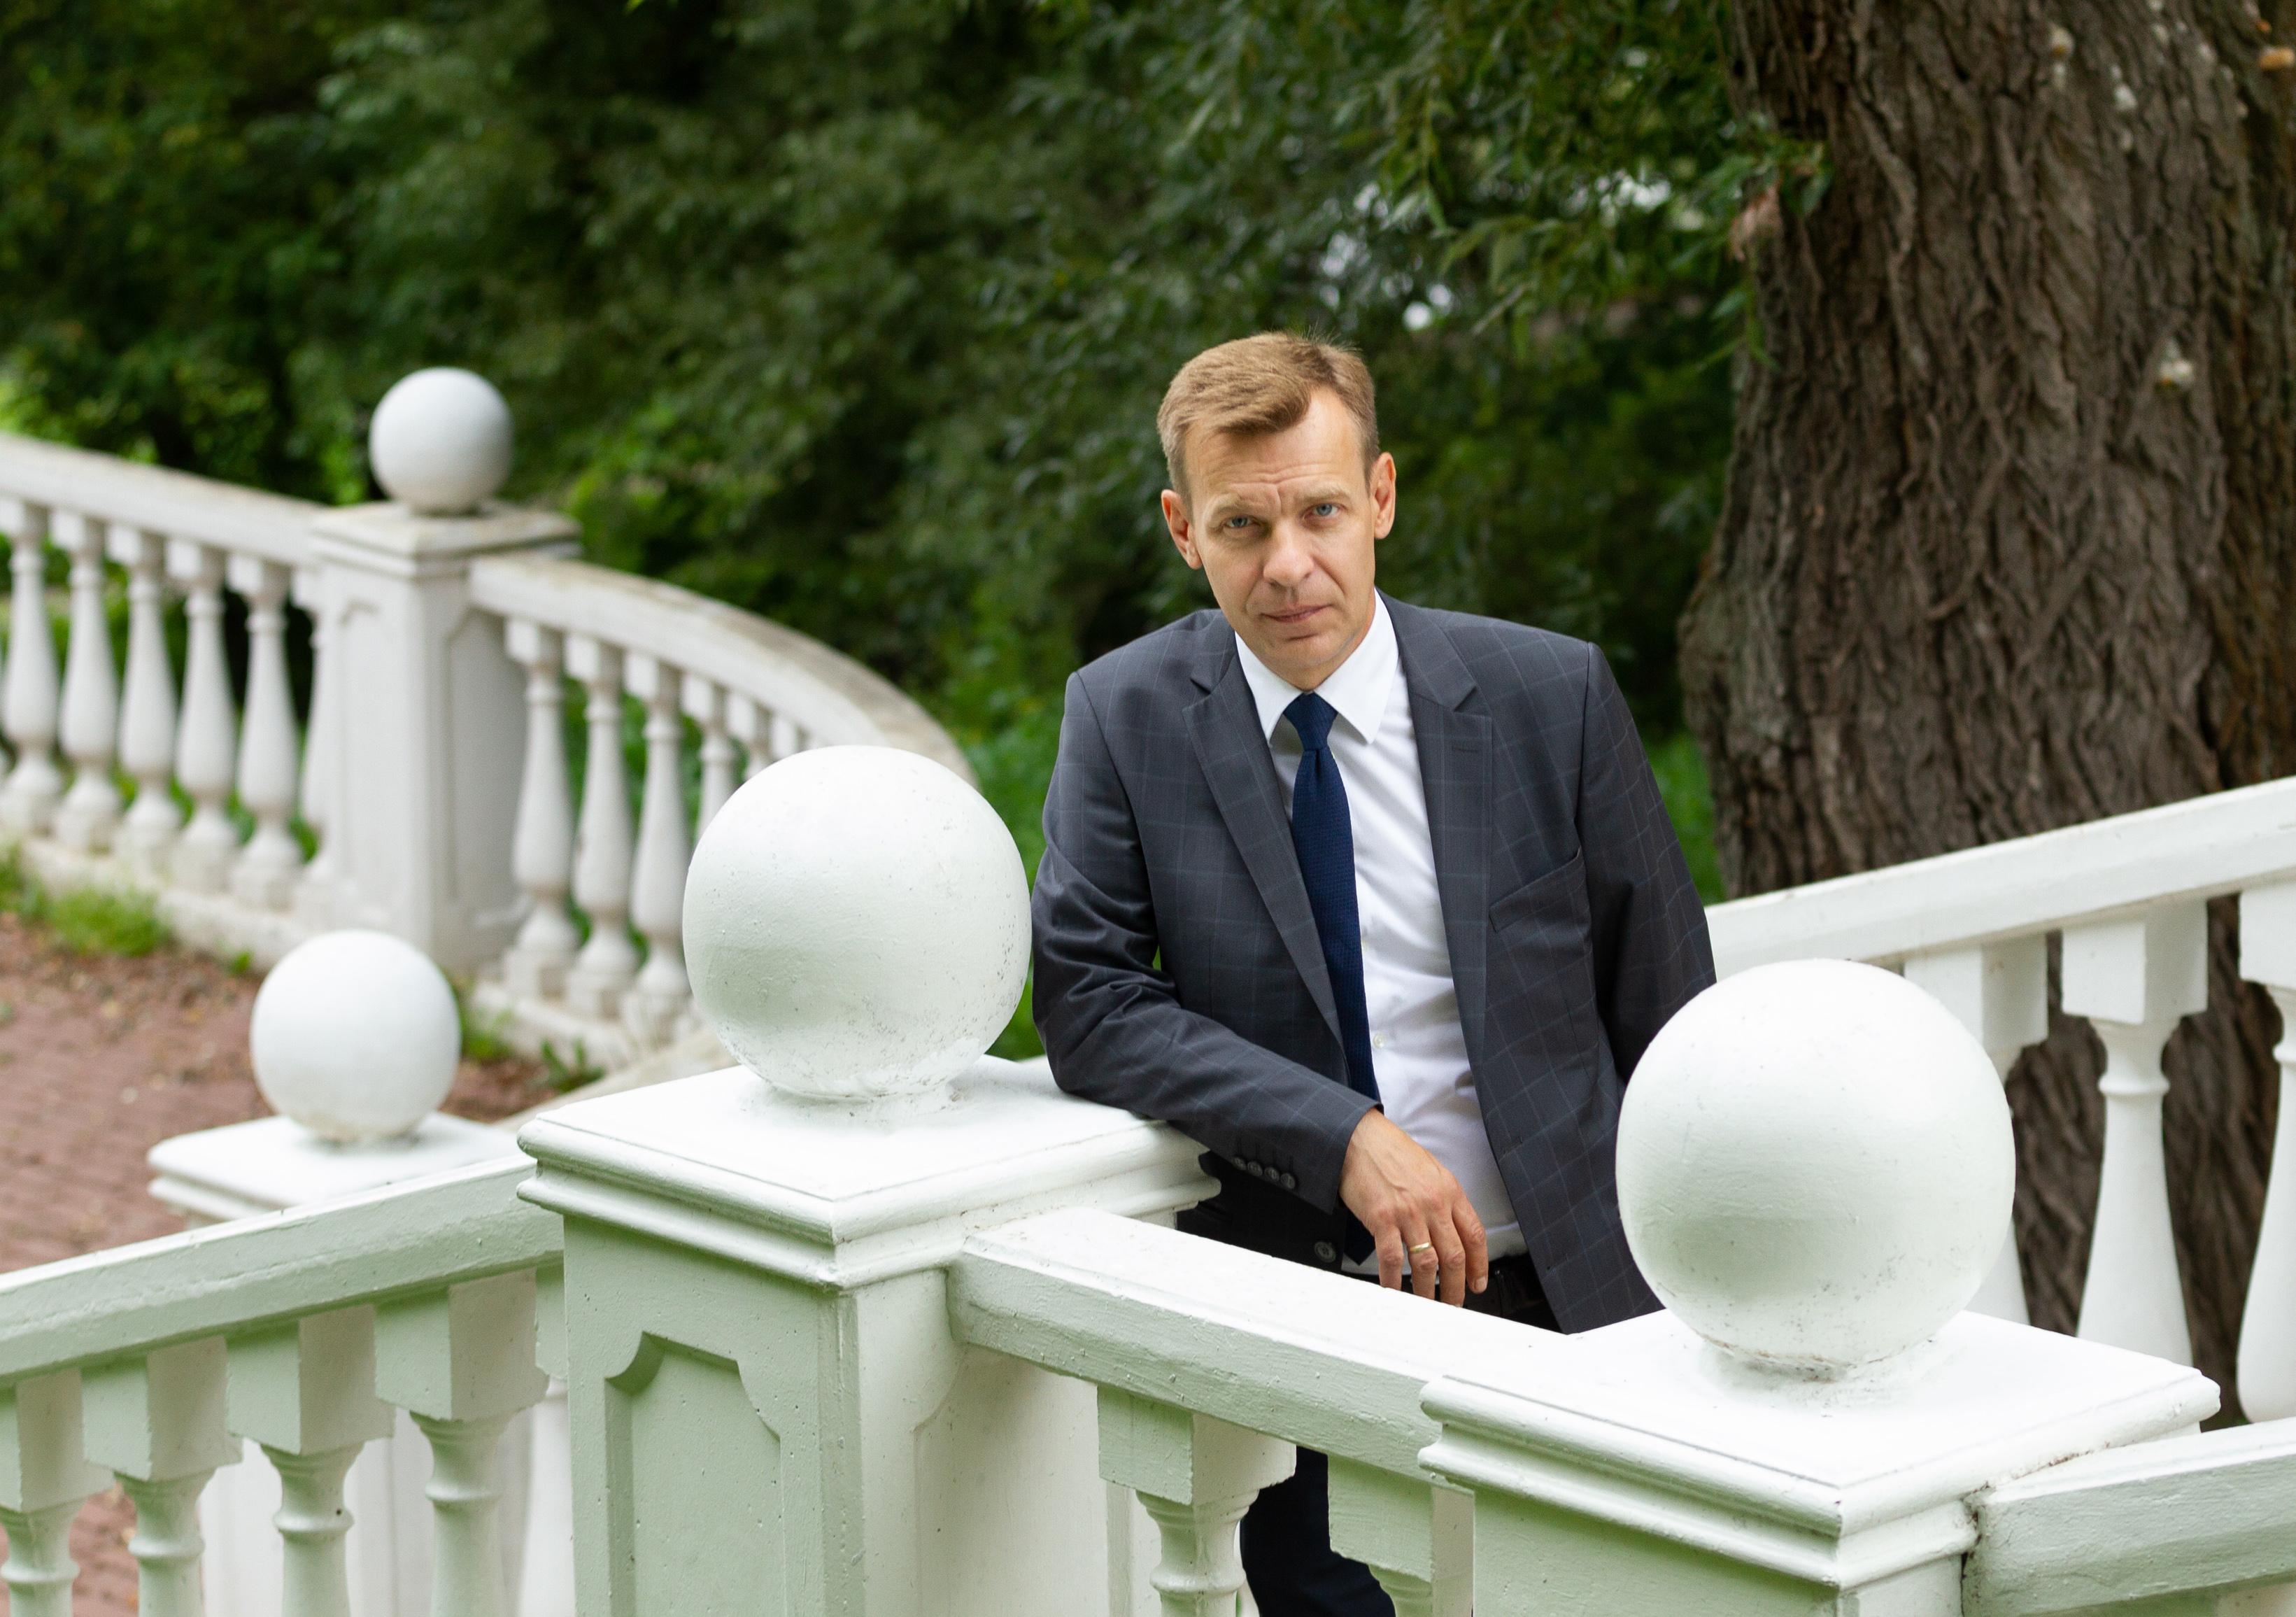 Депутат МГД Игорь Бускин рассказал о преображении парка Северного речного вокзала